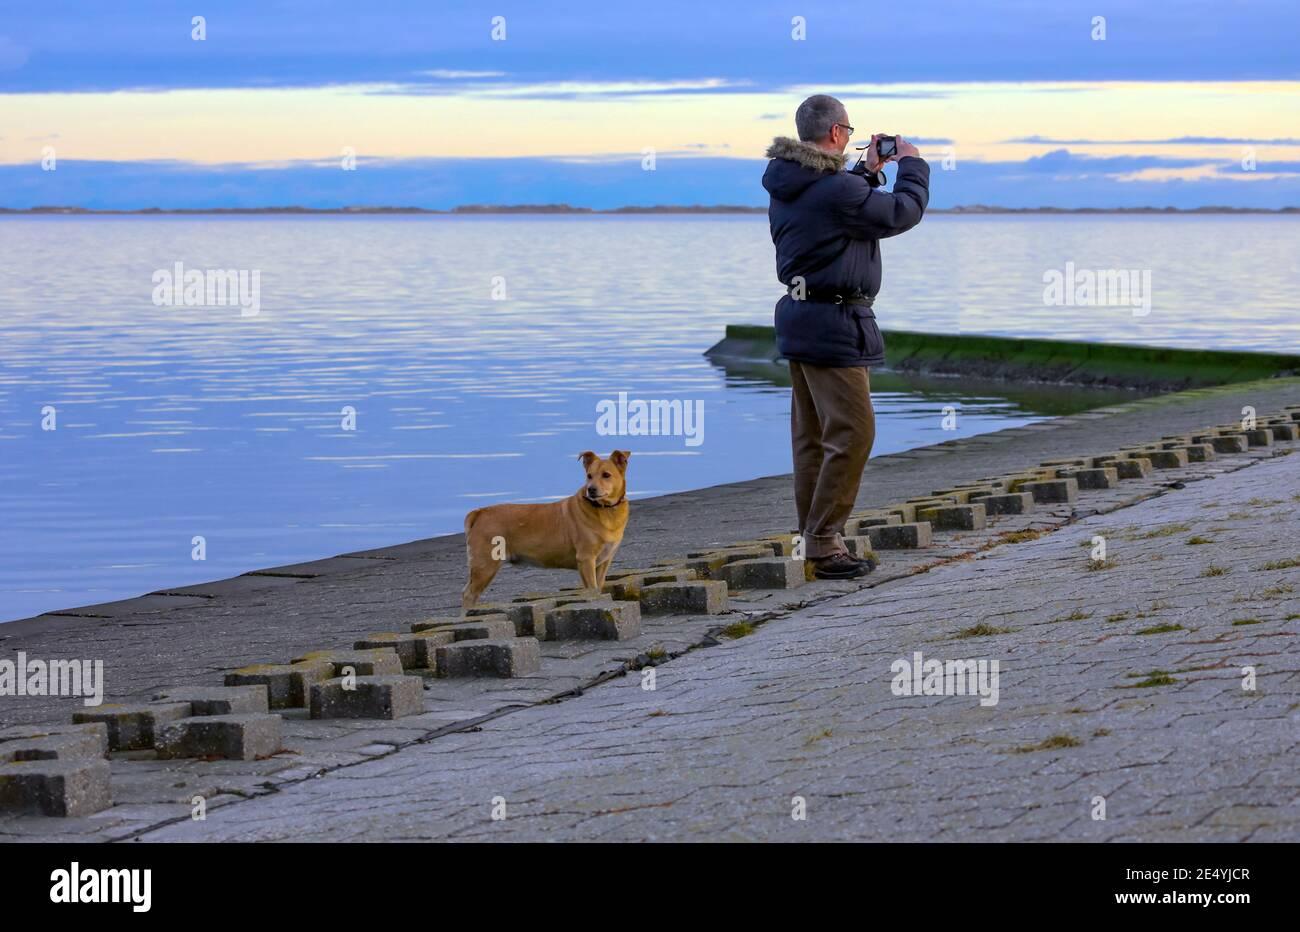 Un uomo scatta una foto del Mare del Nord. Il suo cane sta guardando in una direzione diversa. Tutti possono godersi il mare a modo proprio. Foto Stock